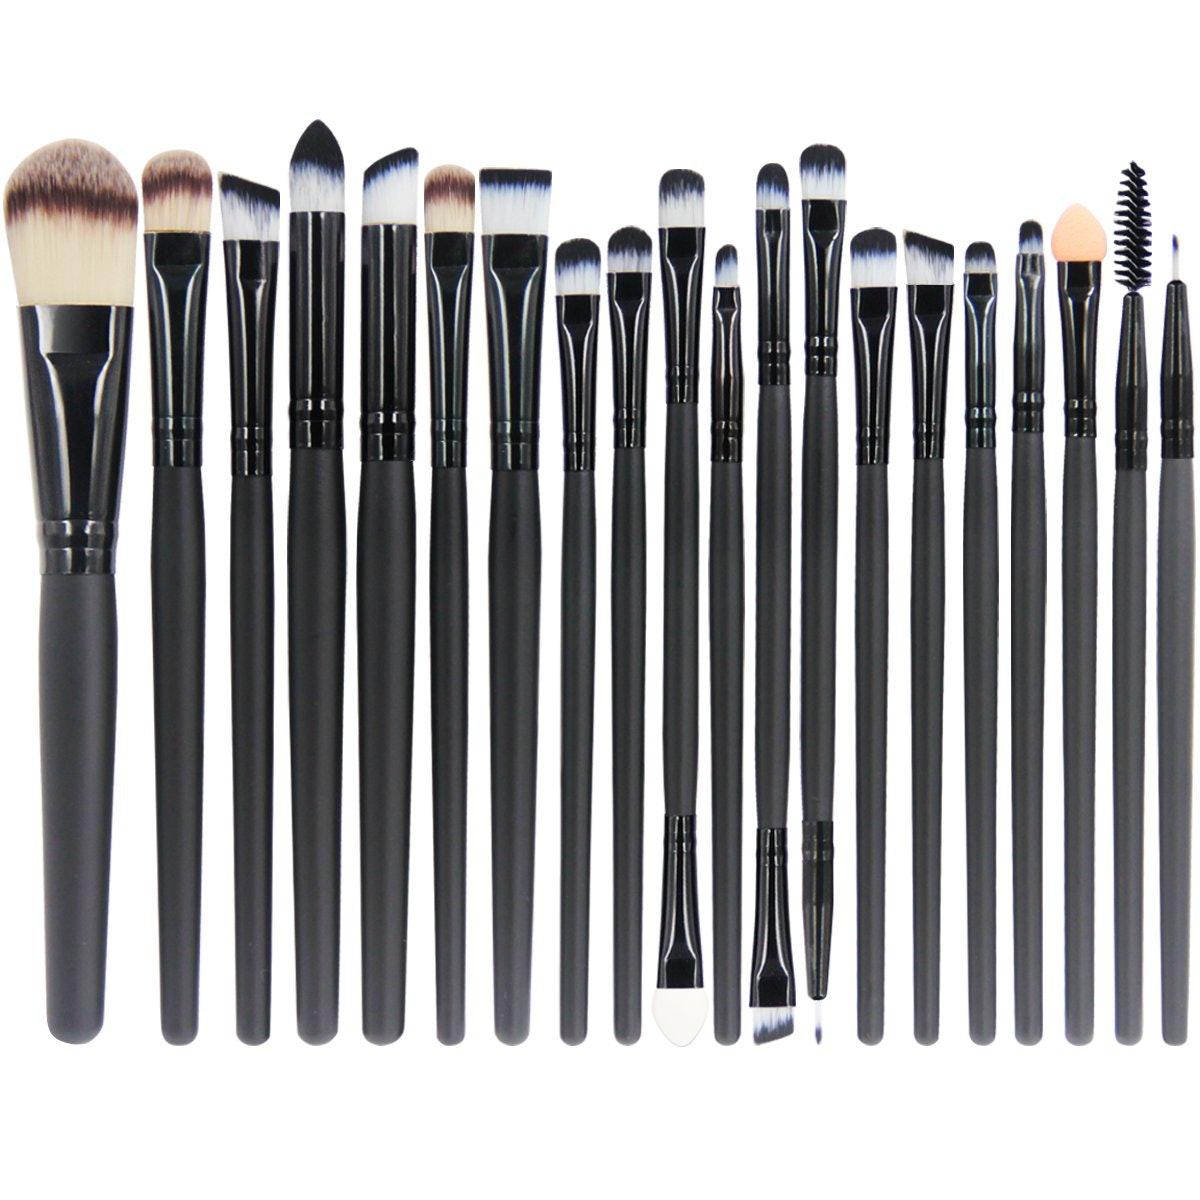 EmaxDesign Makeup Brush Set (20-Piece Set)